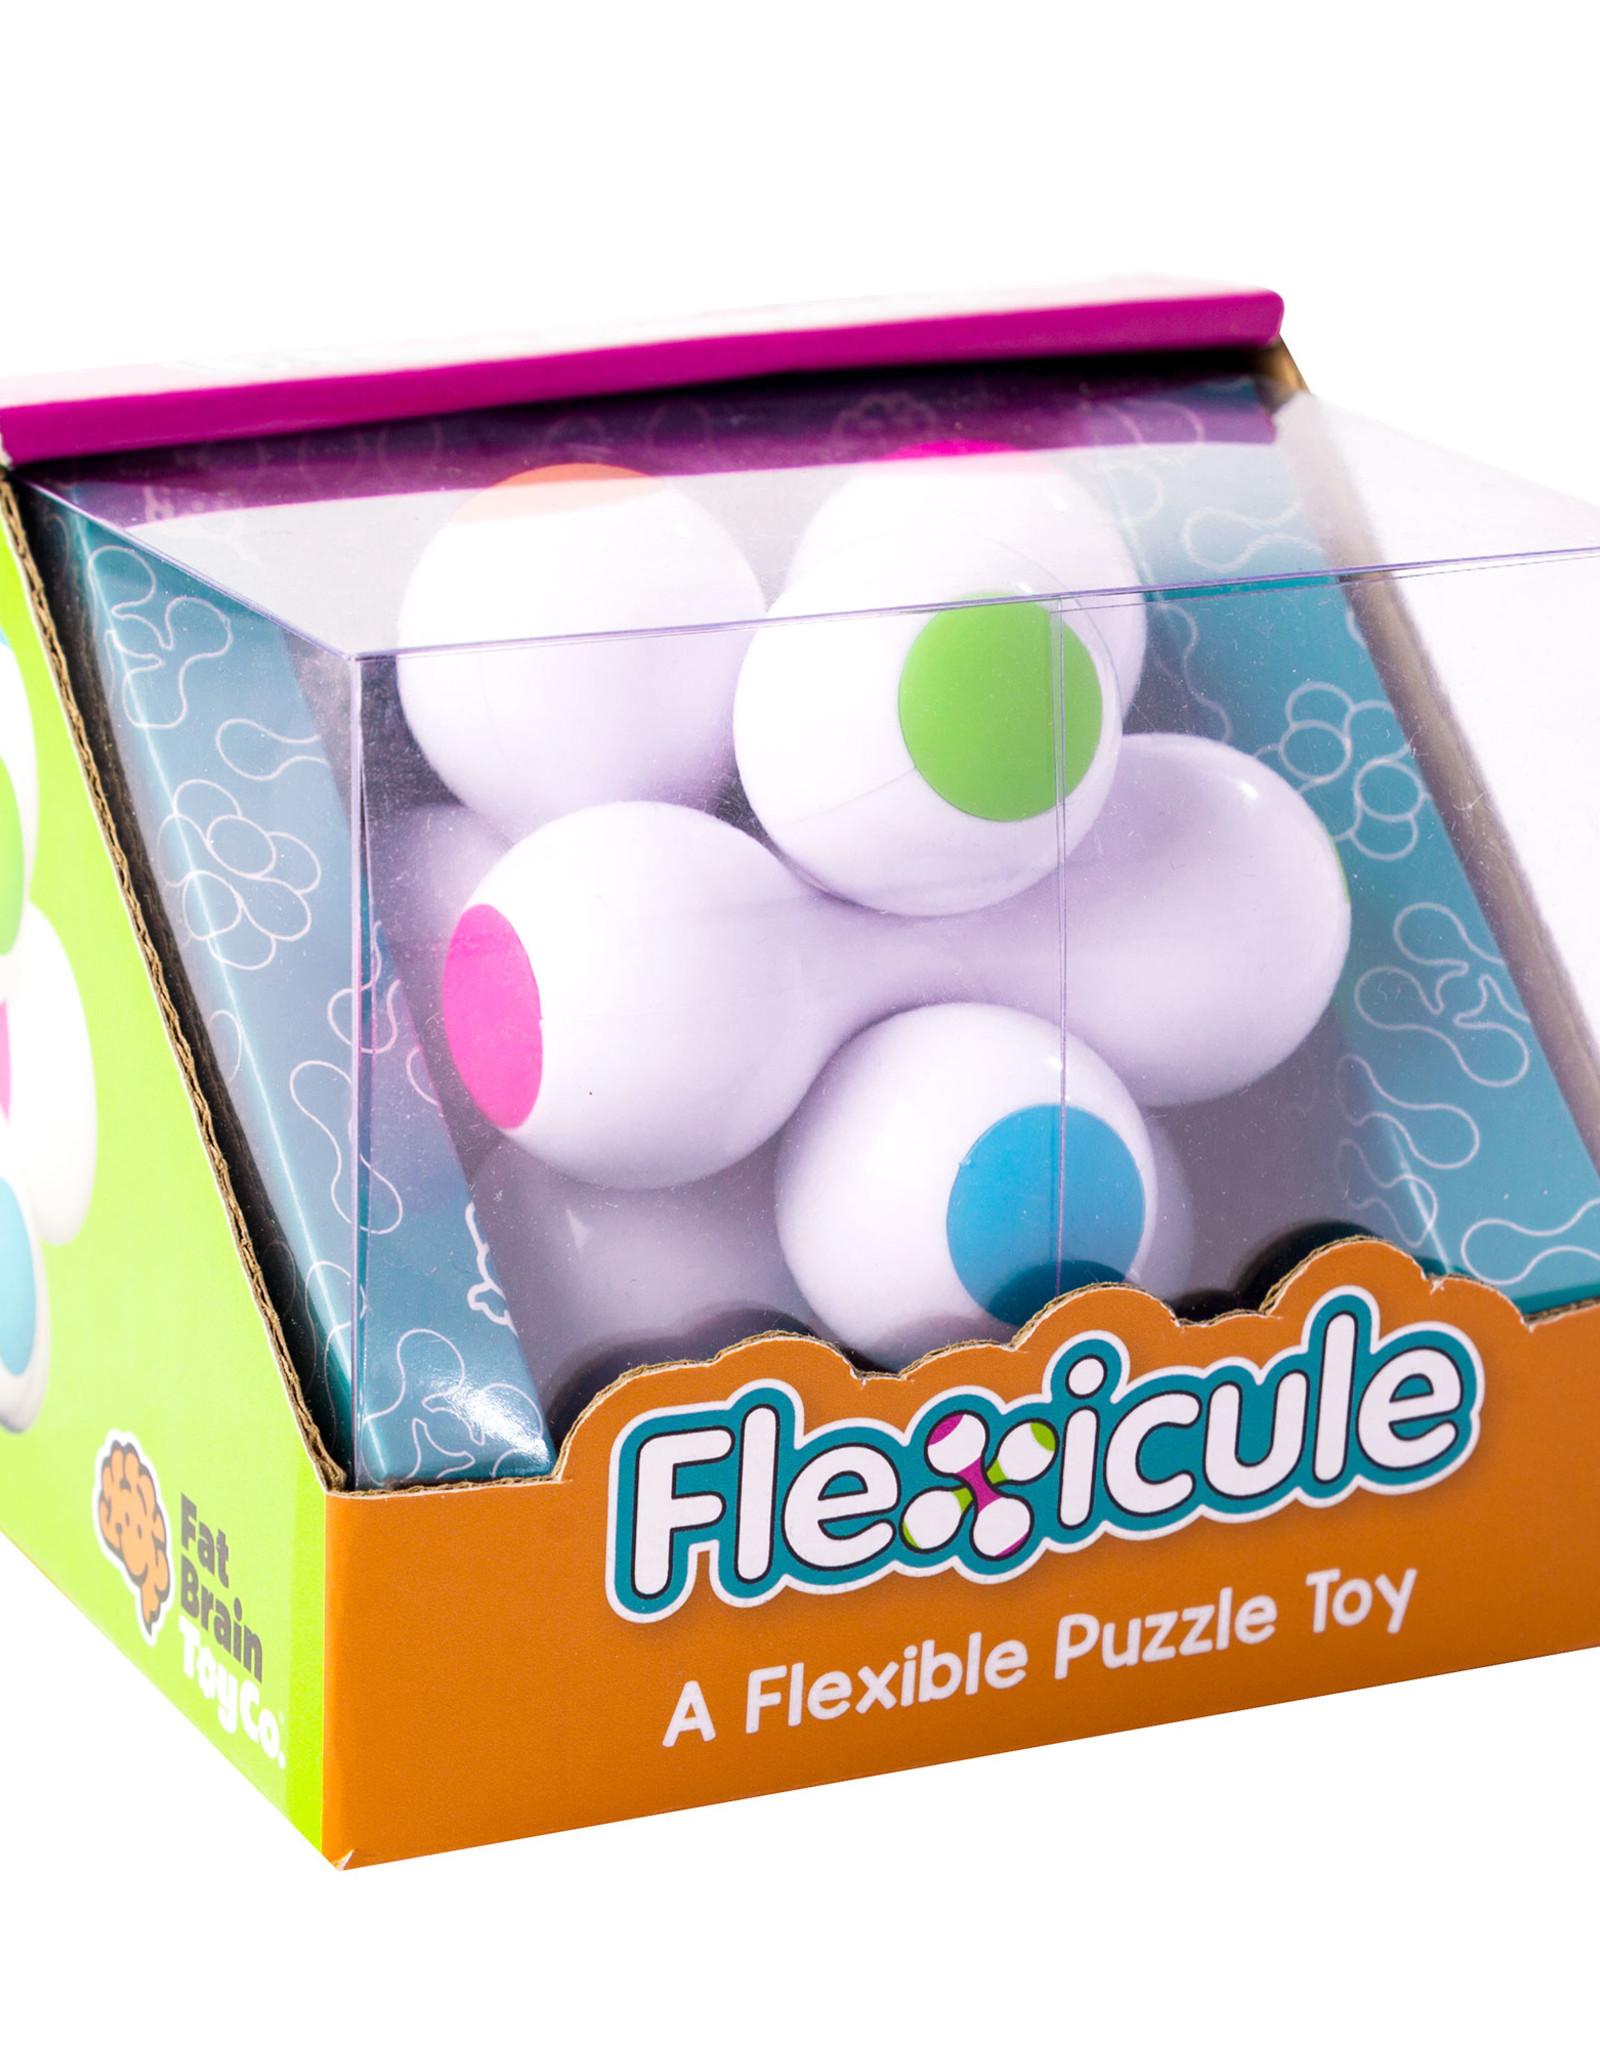 Fat Brain Toy Co. Flexicule